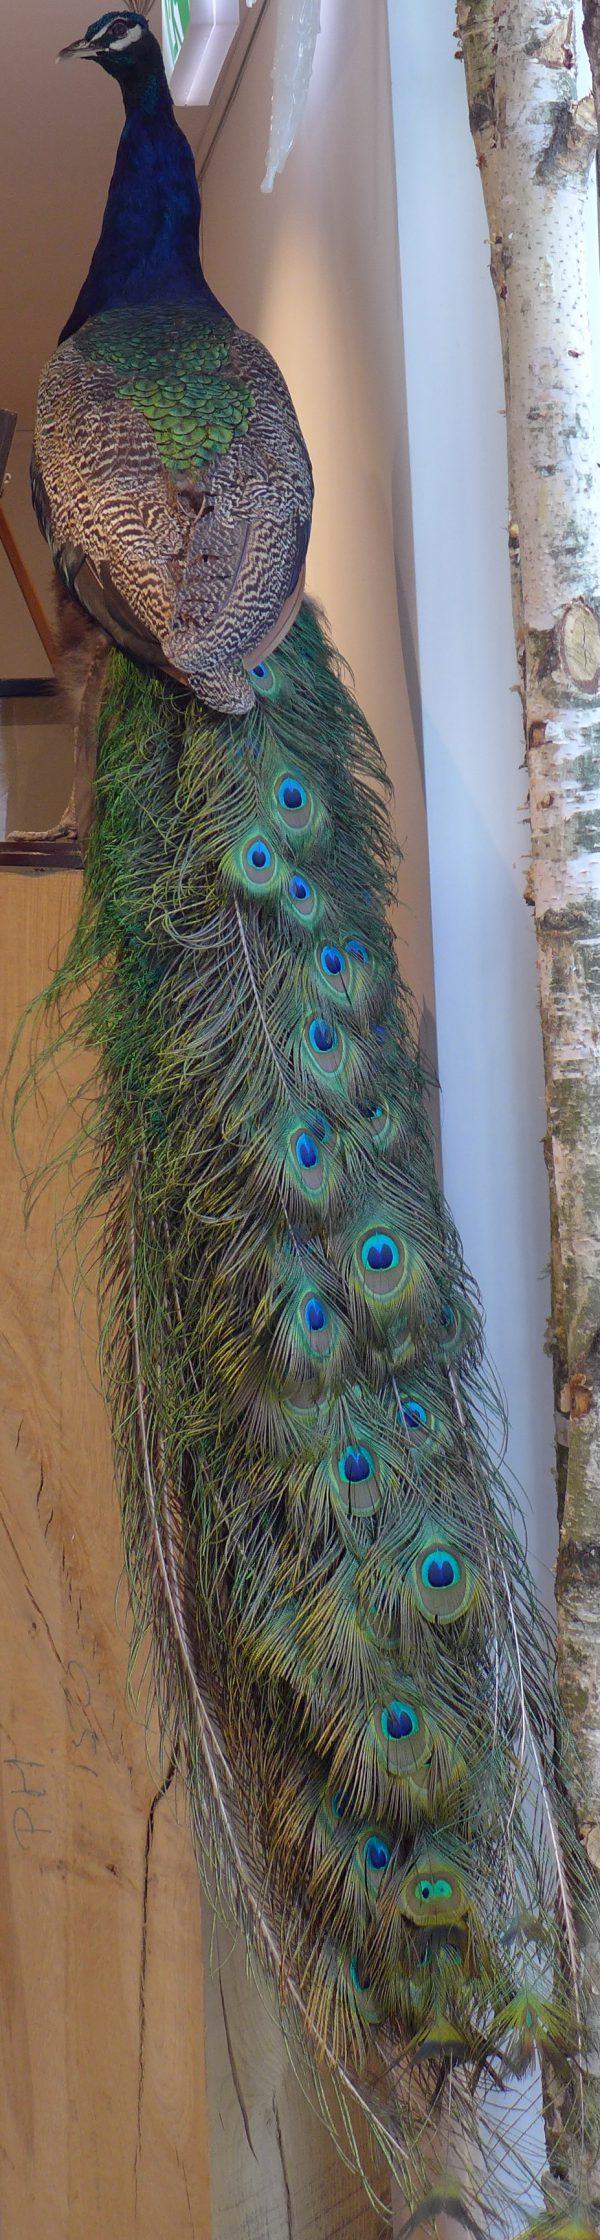 Opgezette pauw met lange staart vol blauwgroene ogen